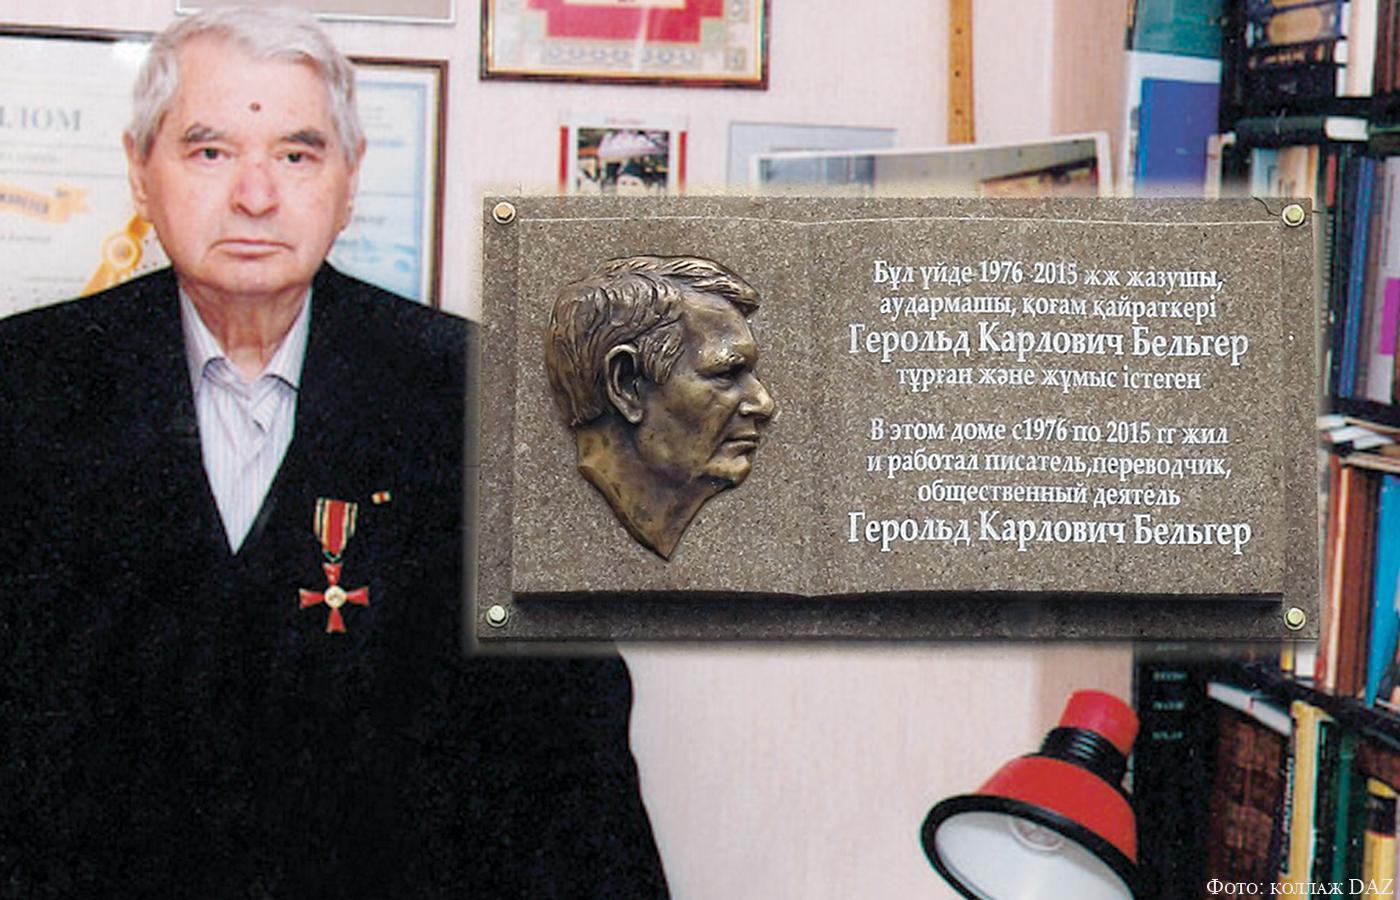 СМОТРИТЕ ВИДЕО: В городе Алматы увековечили память Герольда Бельгера